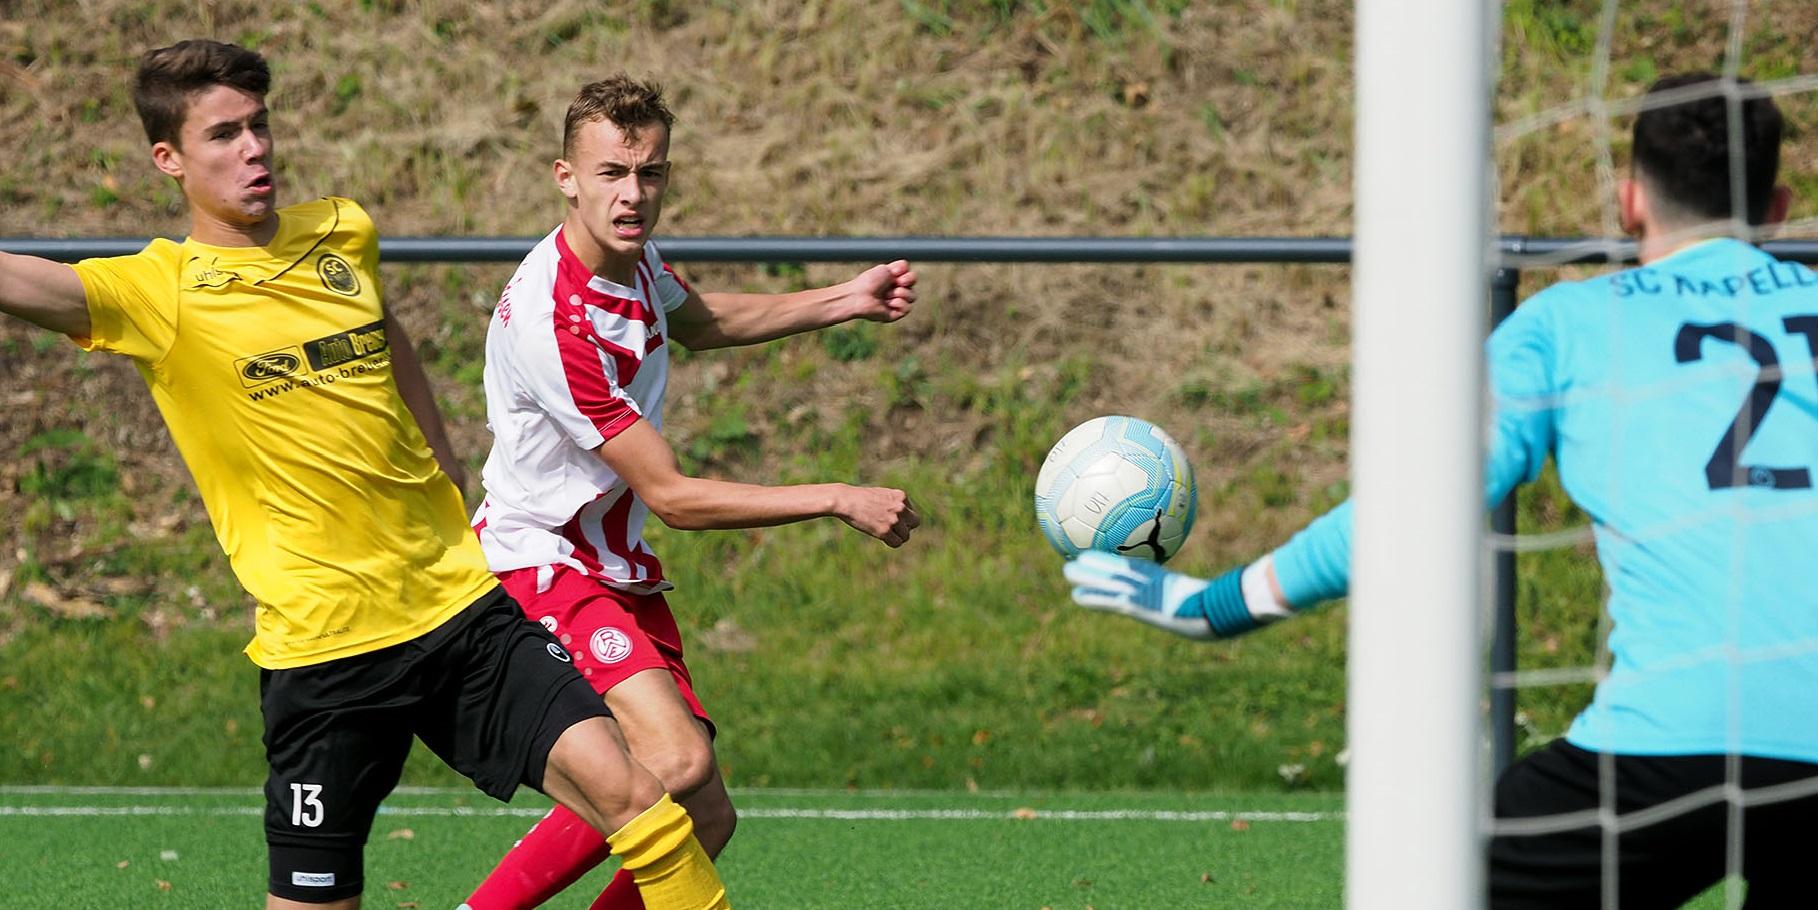 Die rot-weisse U17 ist Favorit beim Spiel gegen die Sportfreunde Hamborn. (Foto: Endberg)